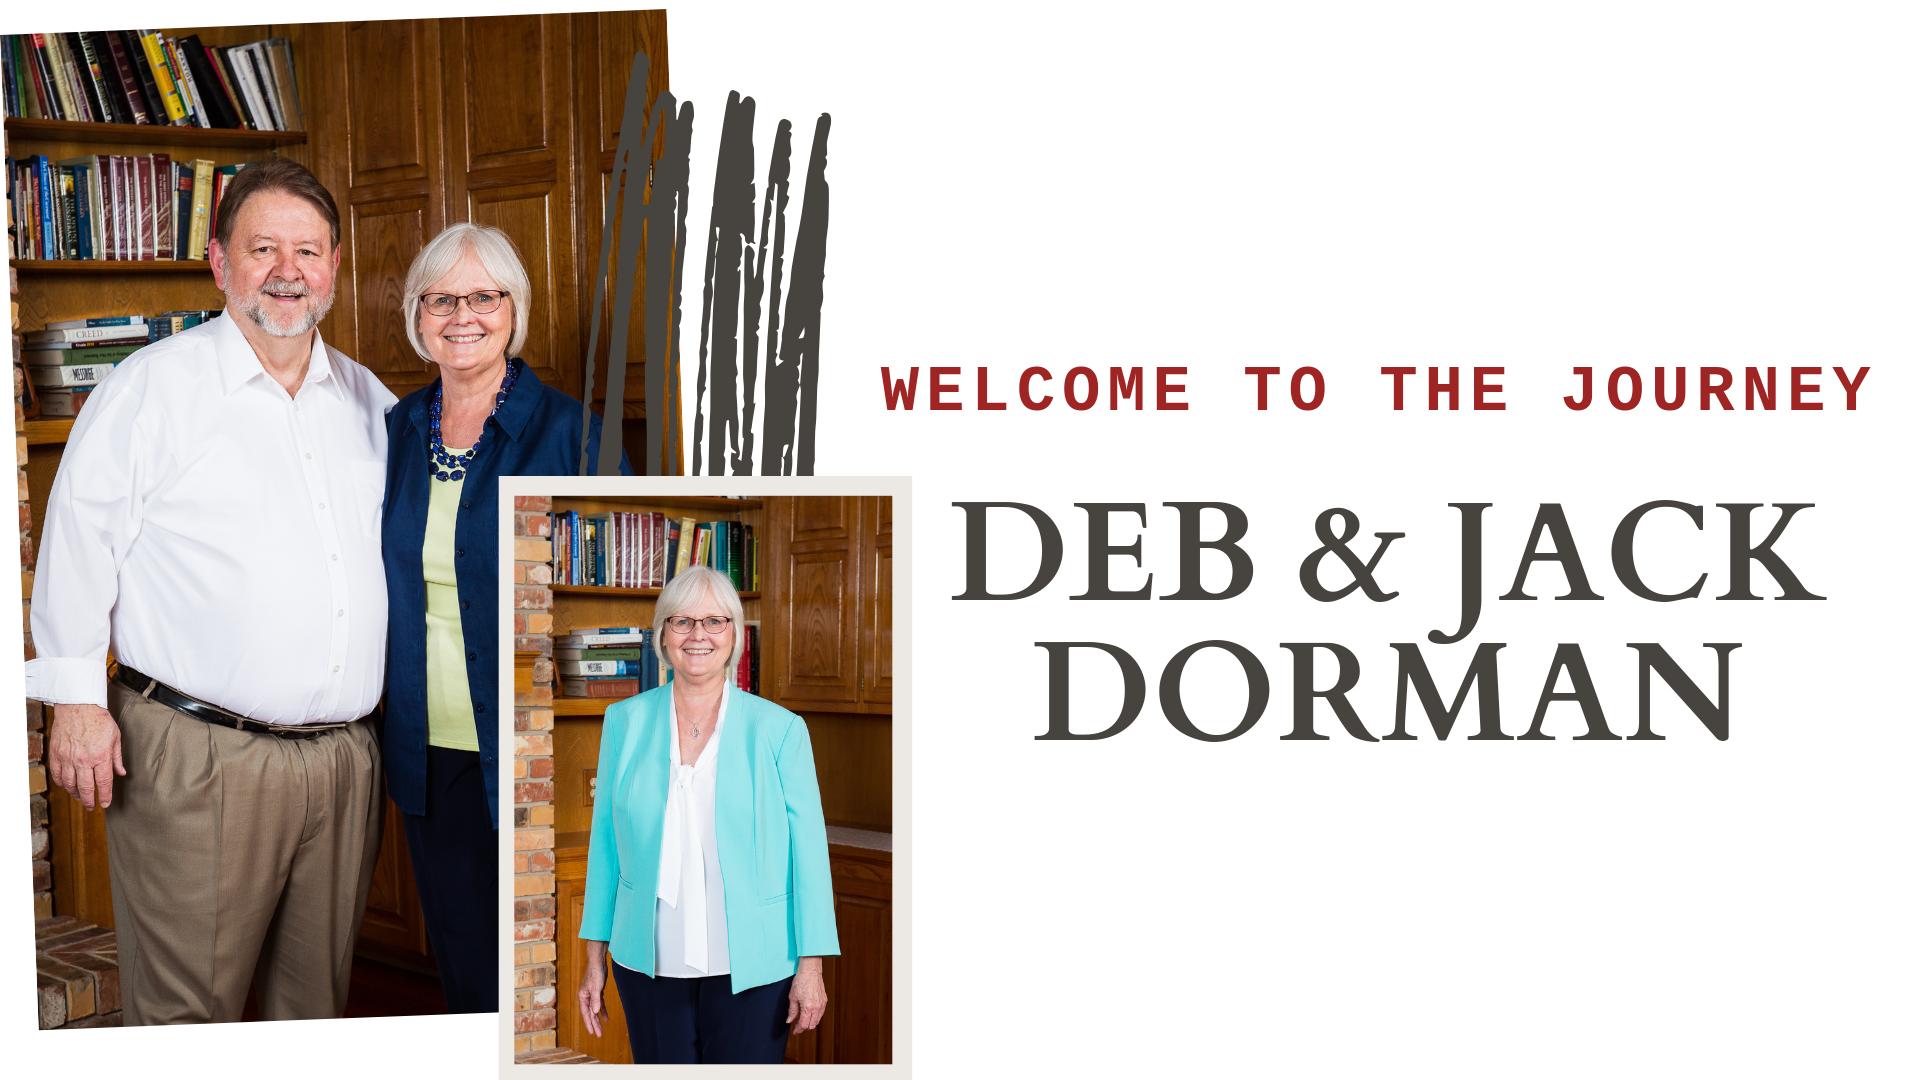 DEB & JACK DORMAN.png